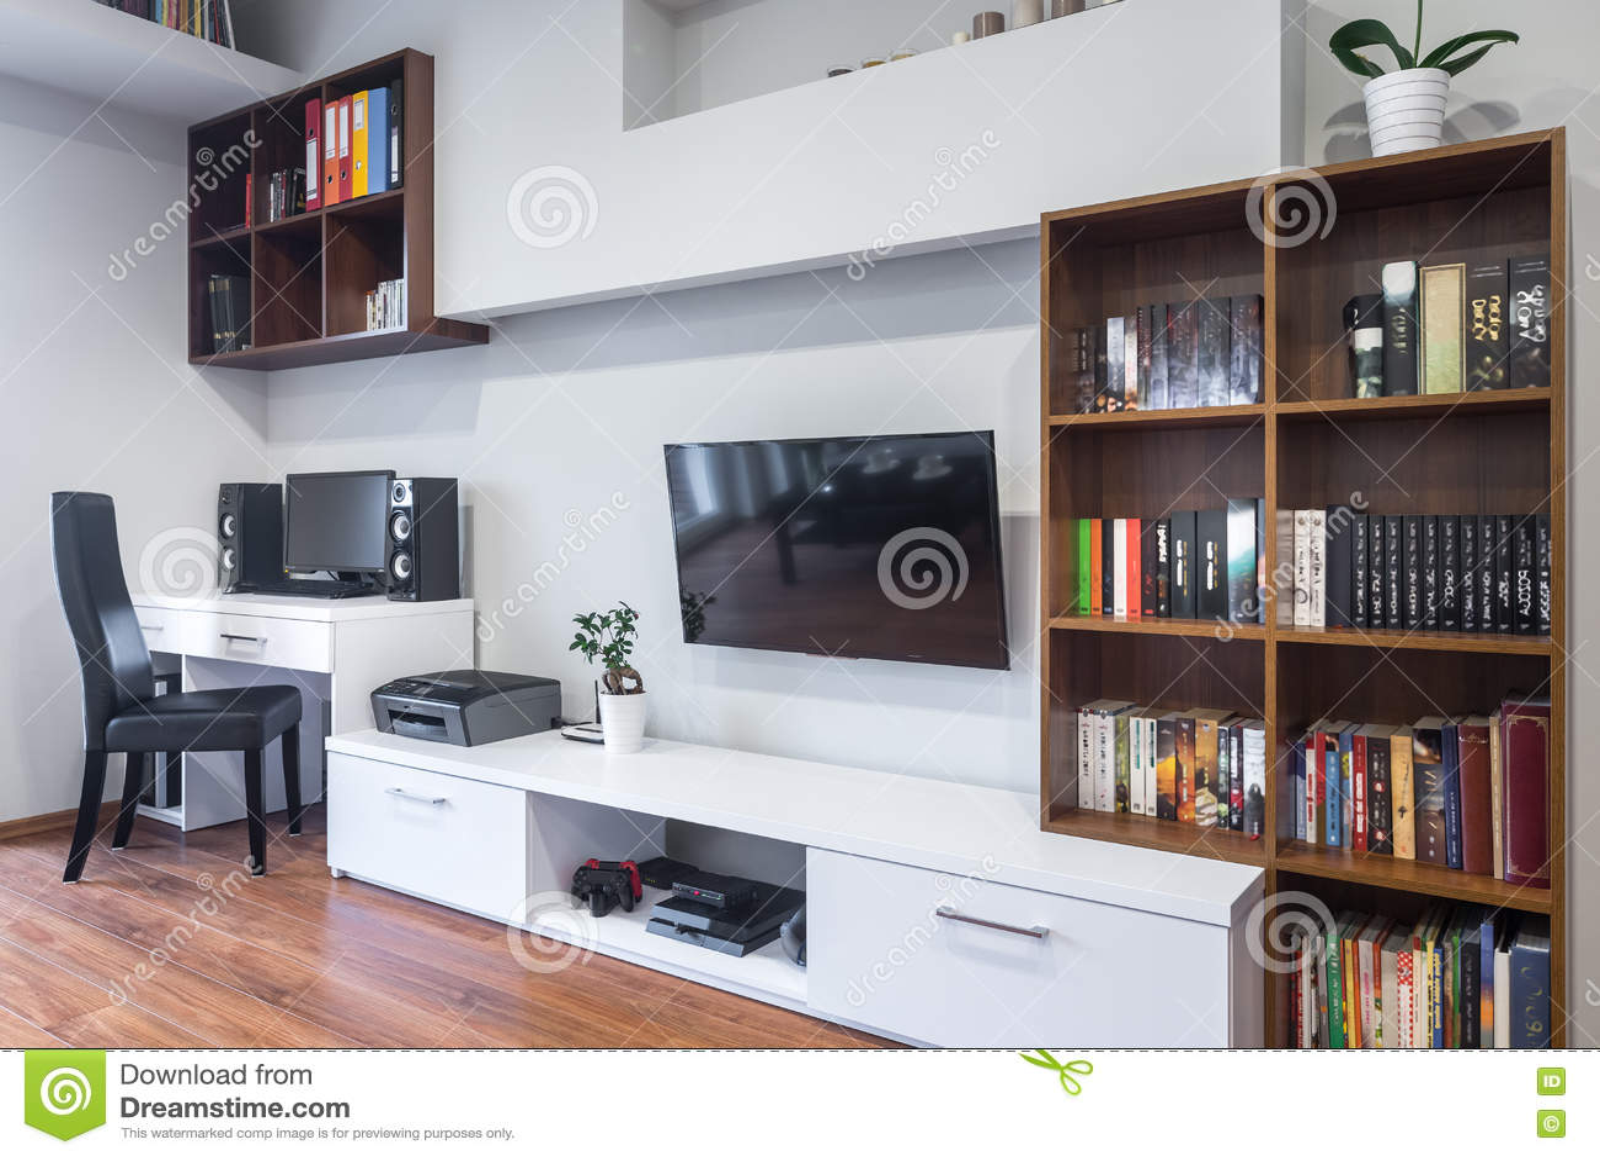 wohnzimmer und büro kombiniert stockfoto - bild: 77904506, Wohnzimmer